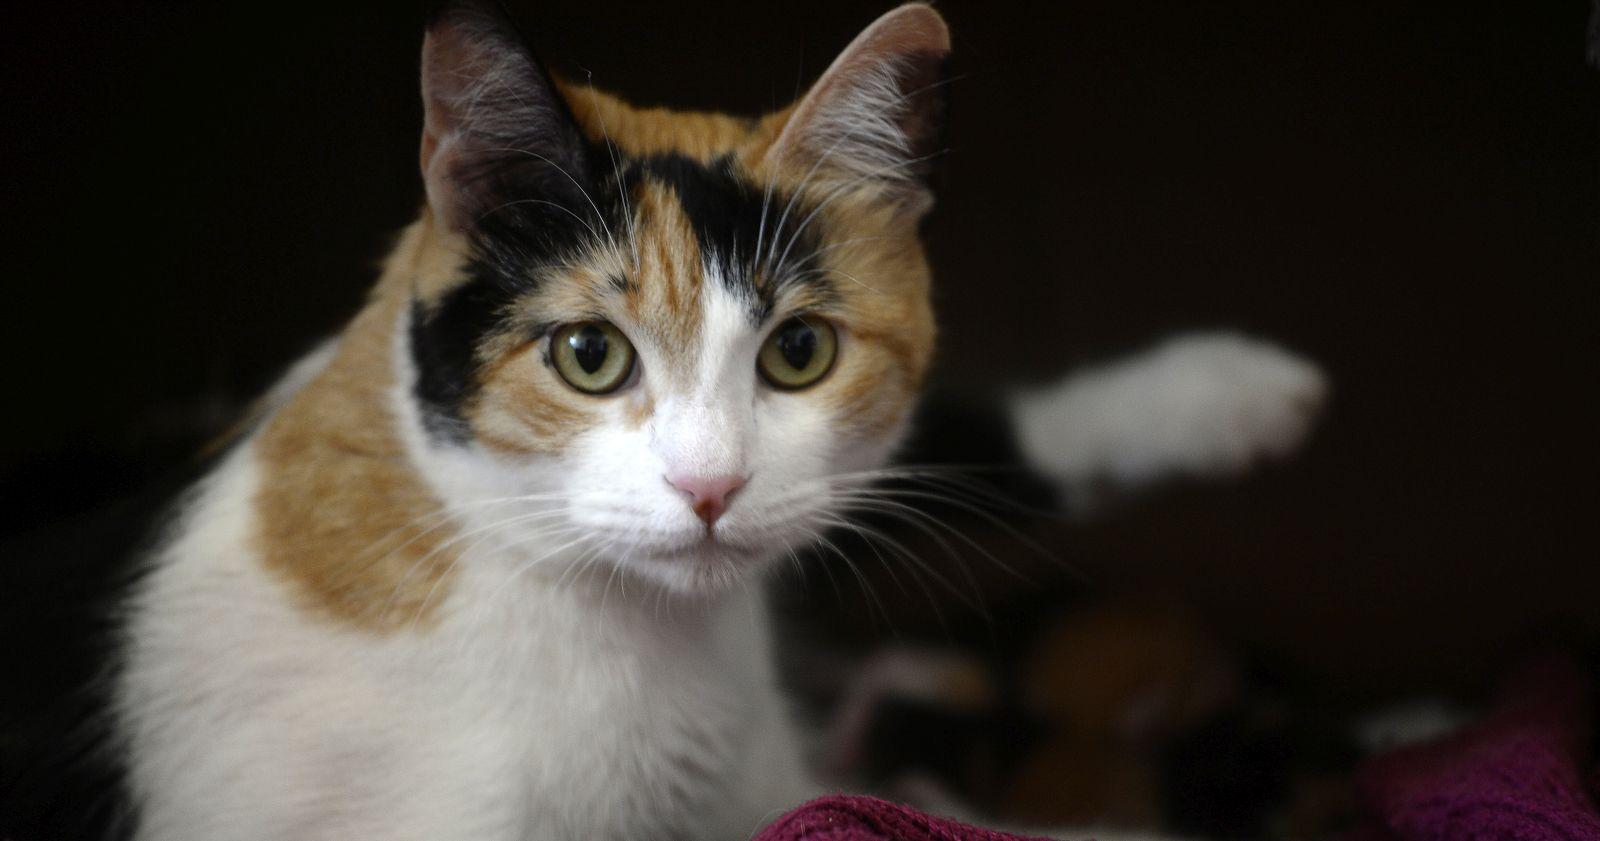 Investigación chilena confirma que los gatos pueden contagiarse del coronavirus de sus dueños